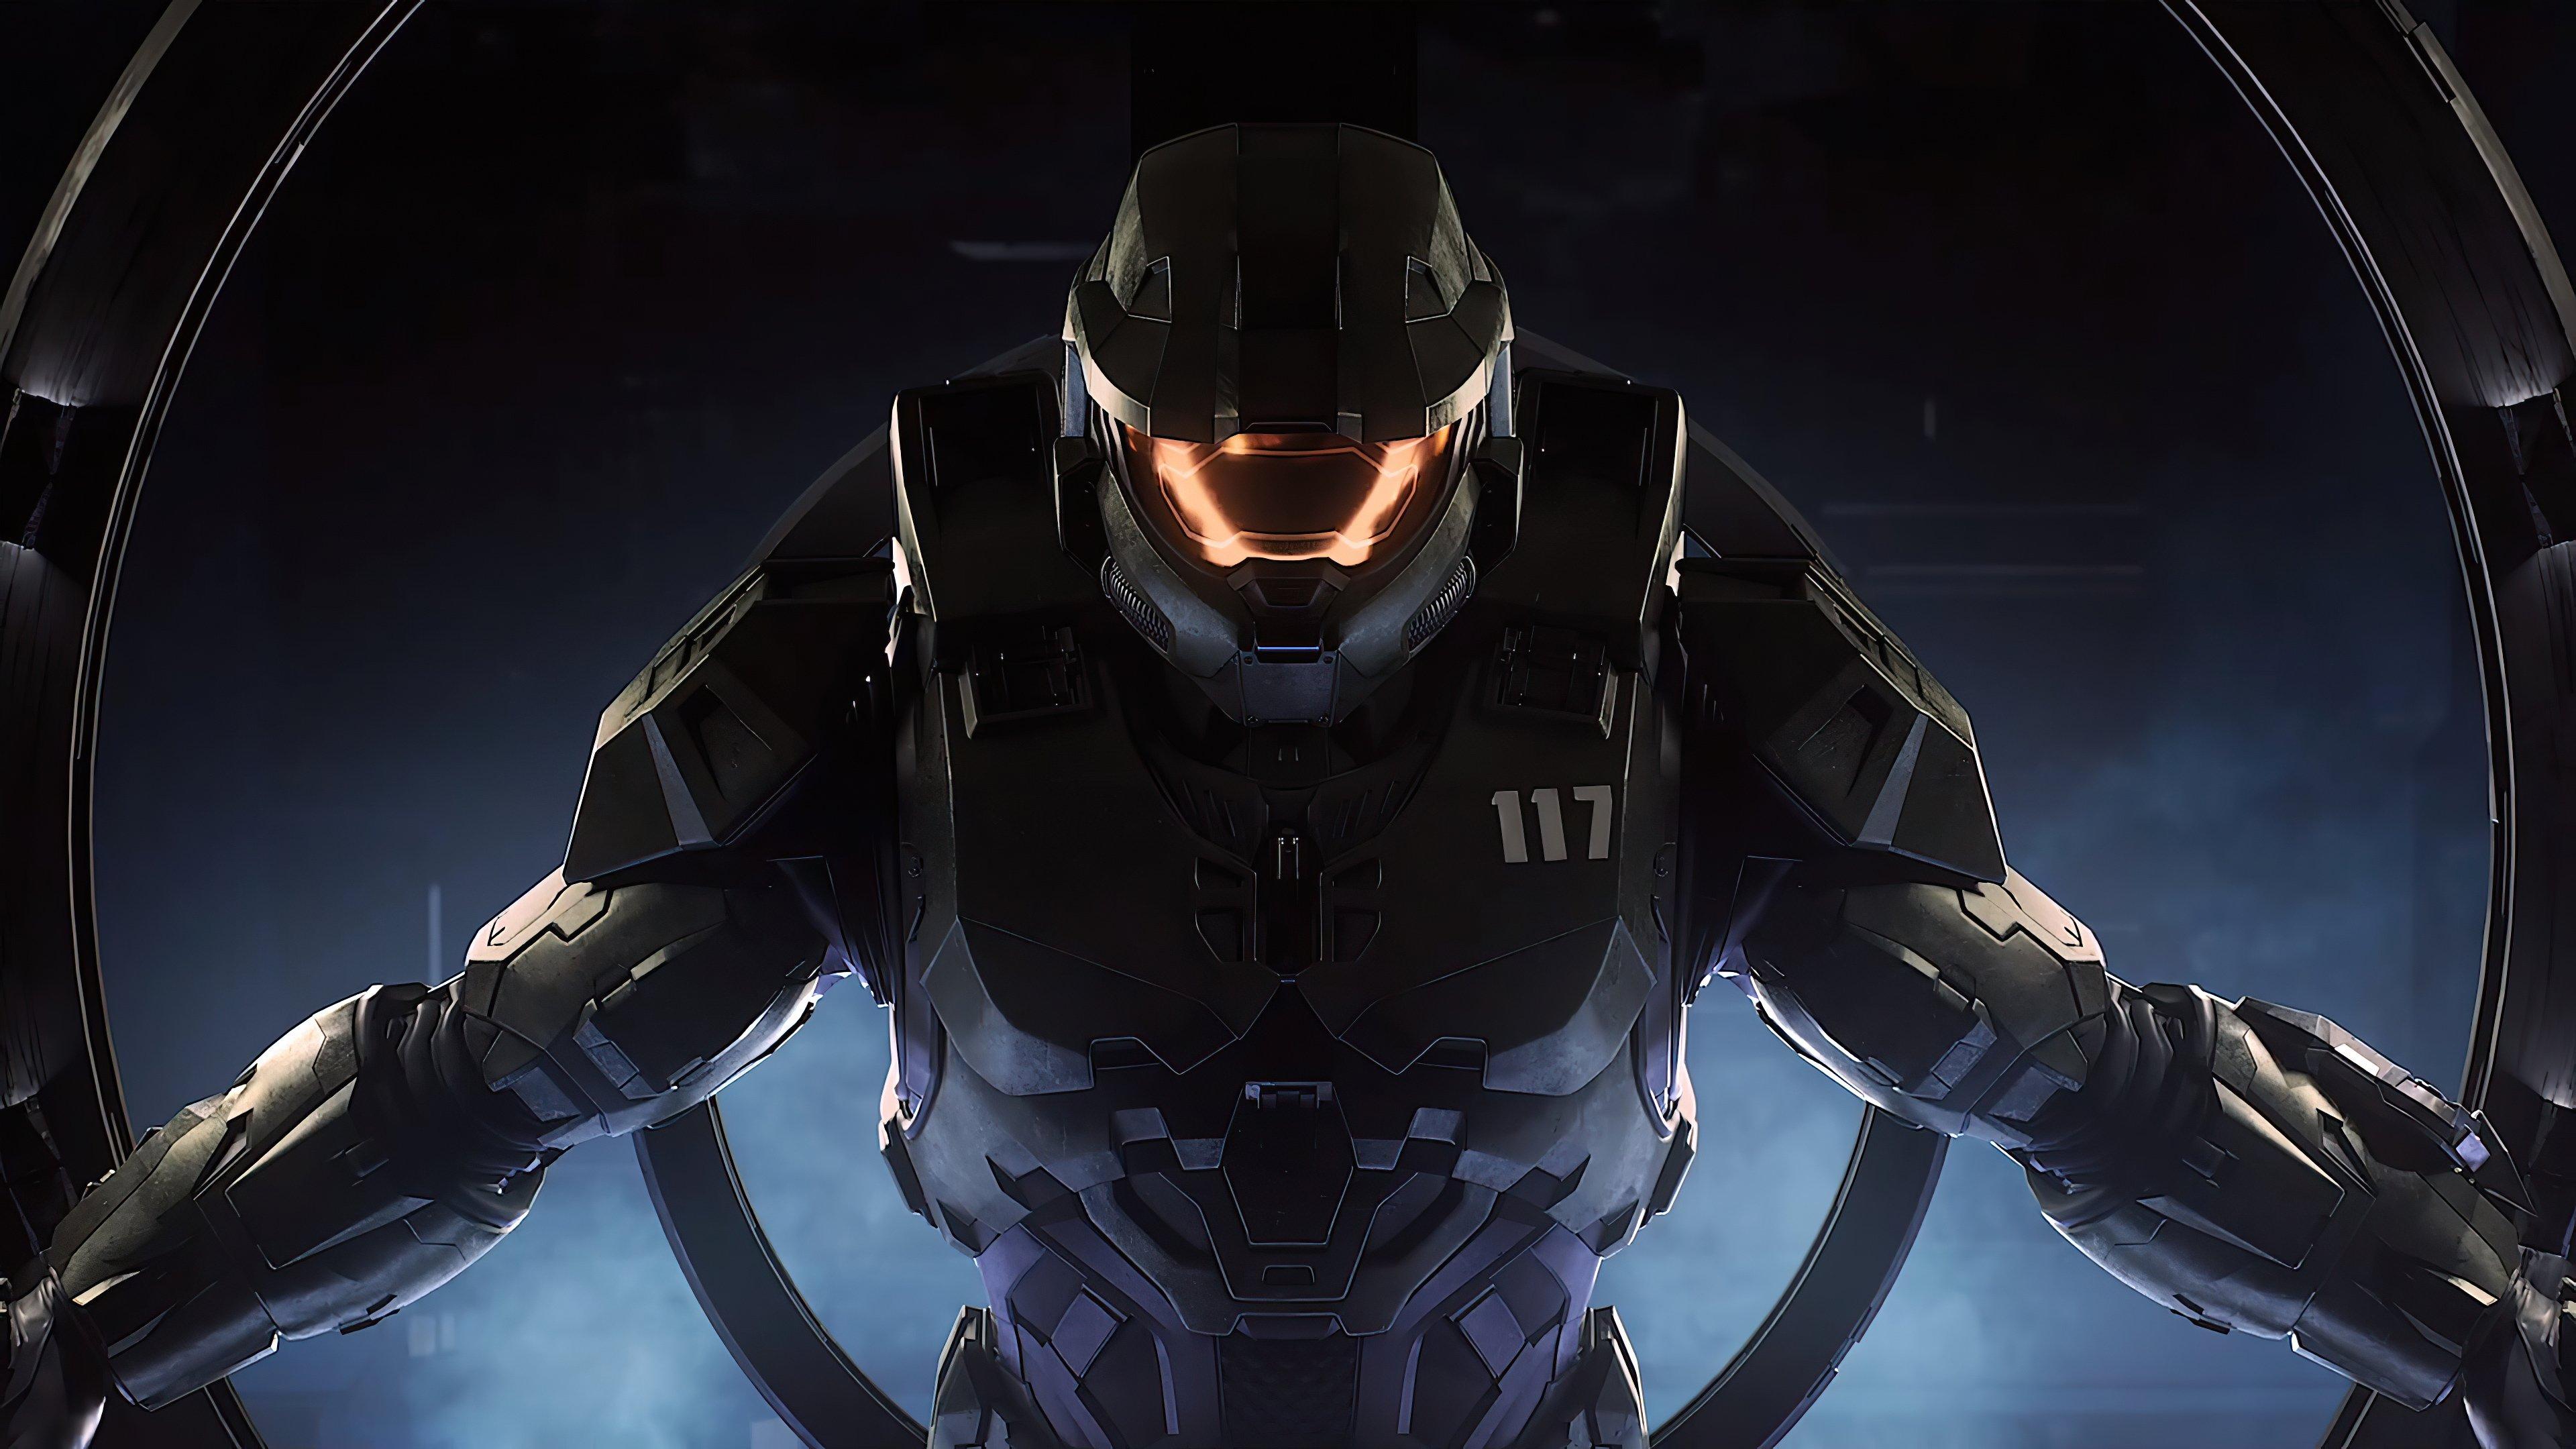 Fondos de pantalla Soldado de Halo infinite 2020